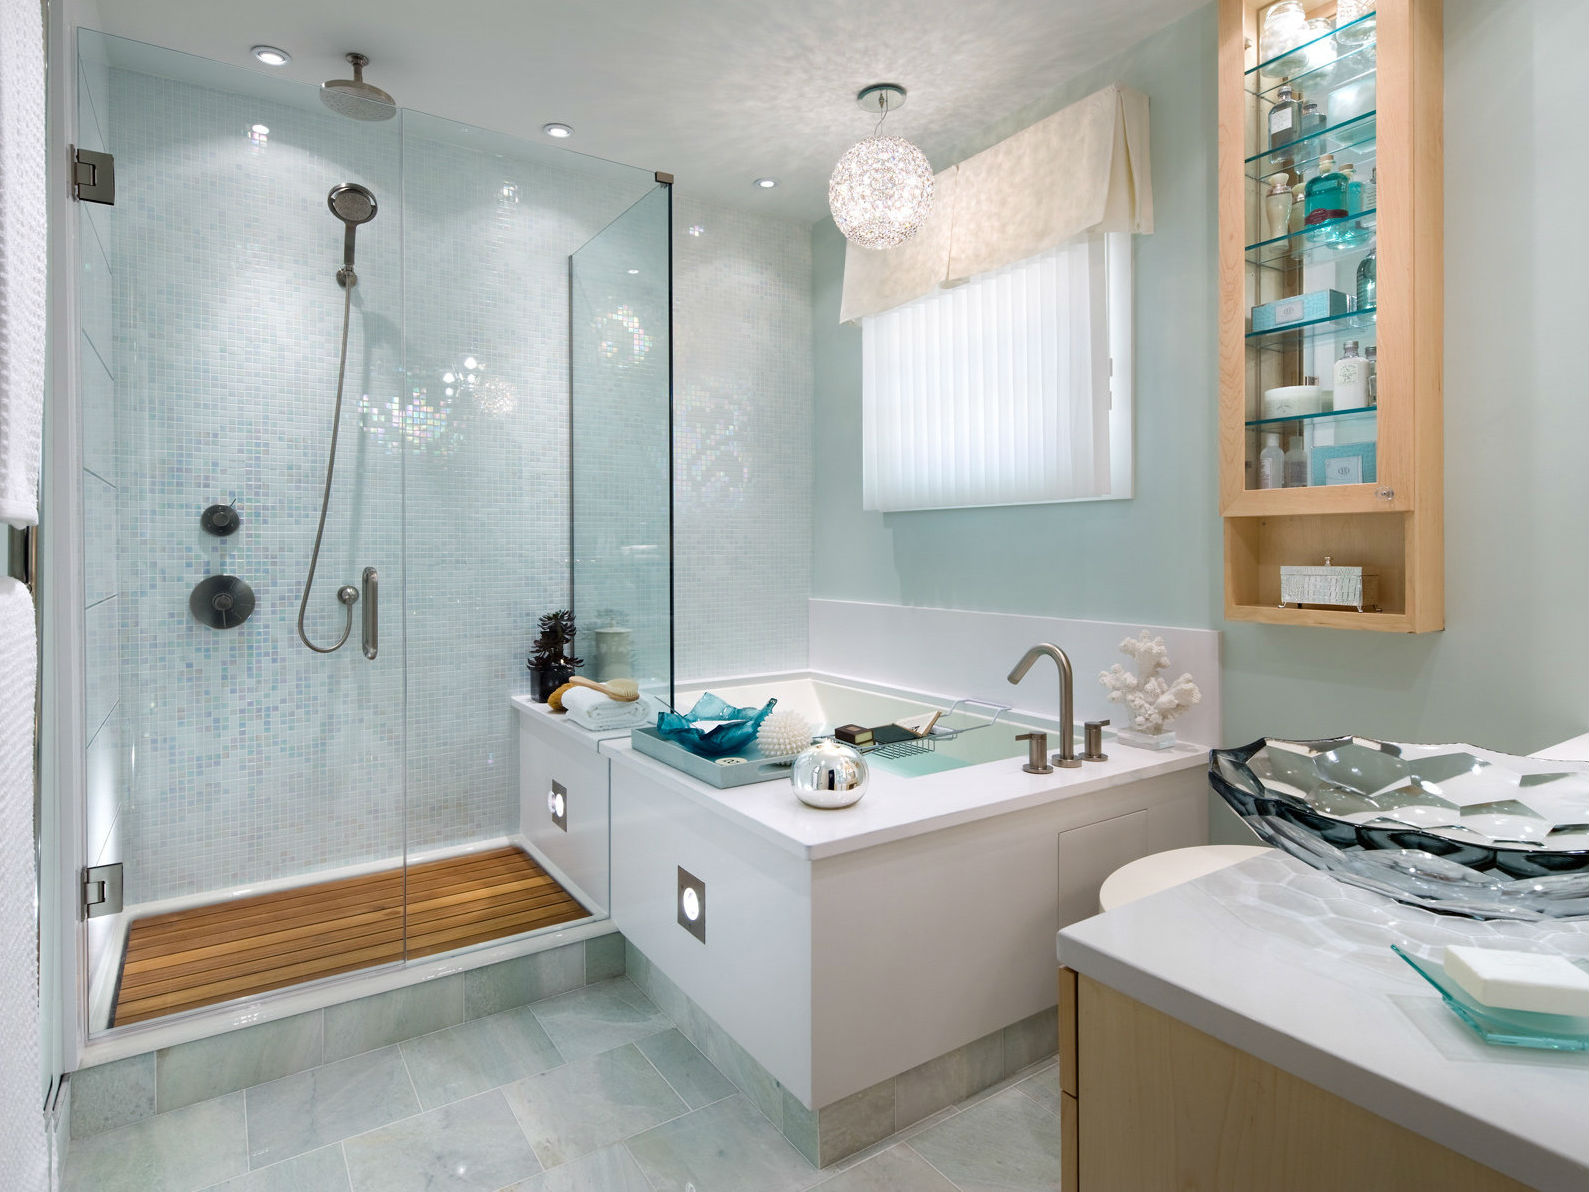 Conception de salle de bain en verre et carrelage de haute technologie